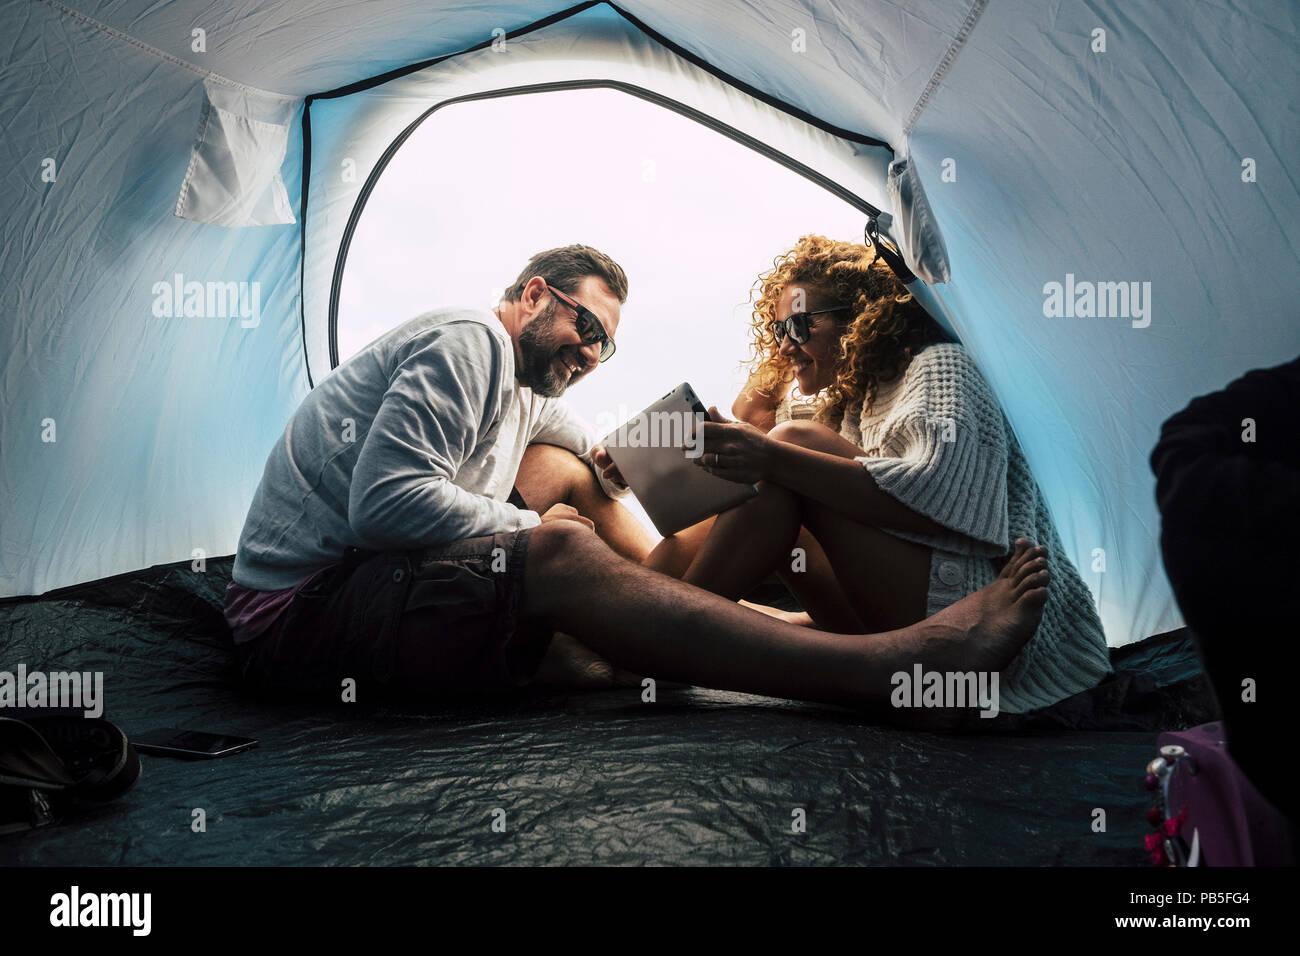 Felice giovane età media giovane sposato e in rapporto godetevi il campeggio all'interno della tenda e utilizzare internet tablet tecnologia. amore e amicizia fo Immagini Stock